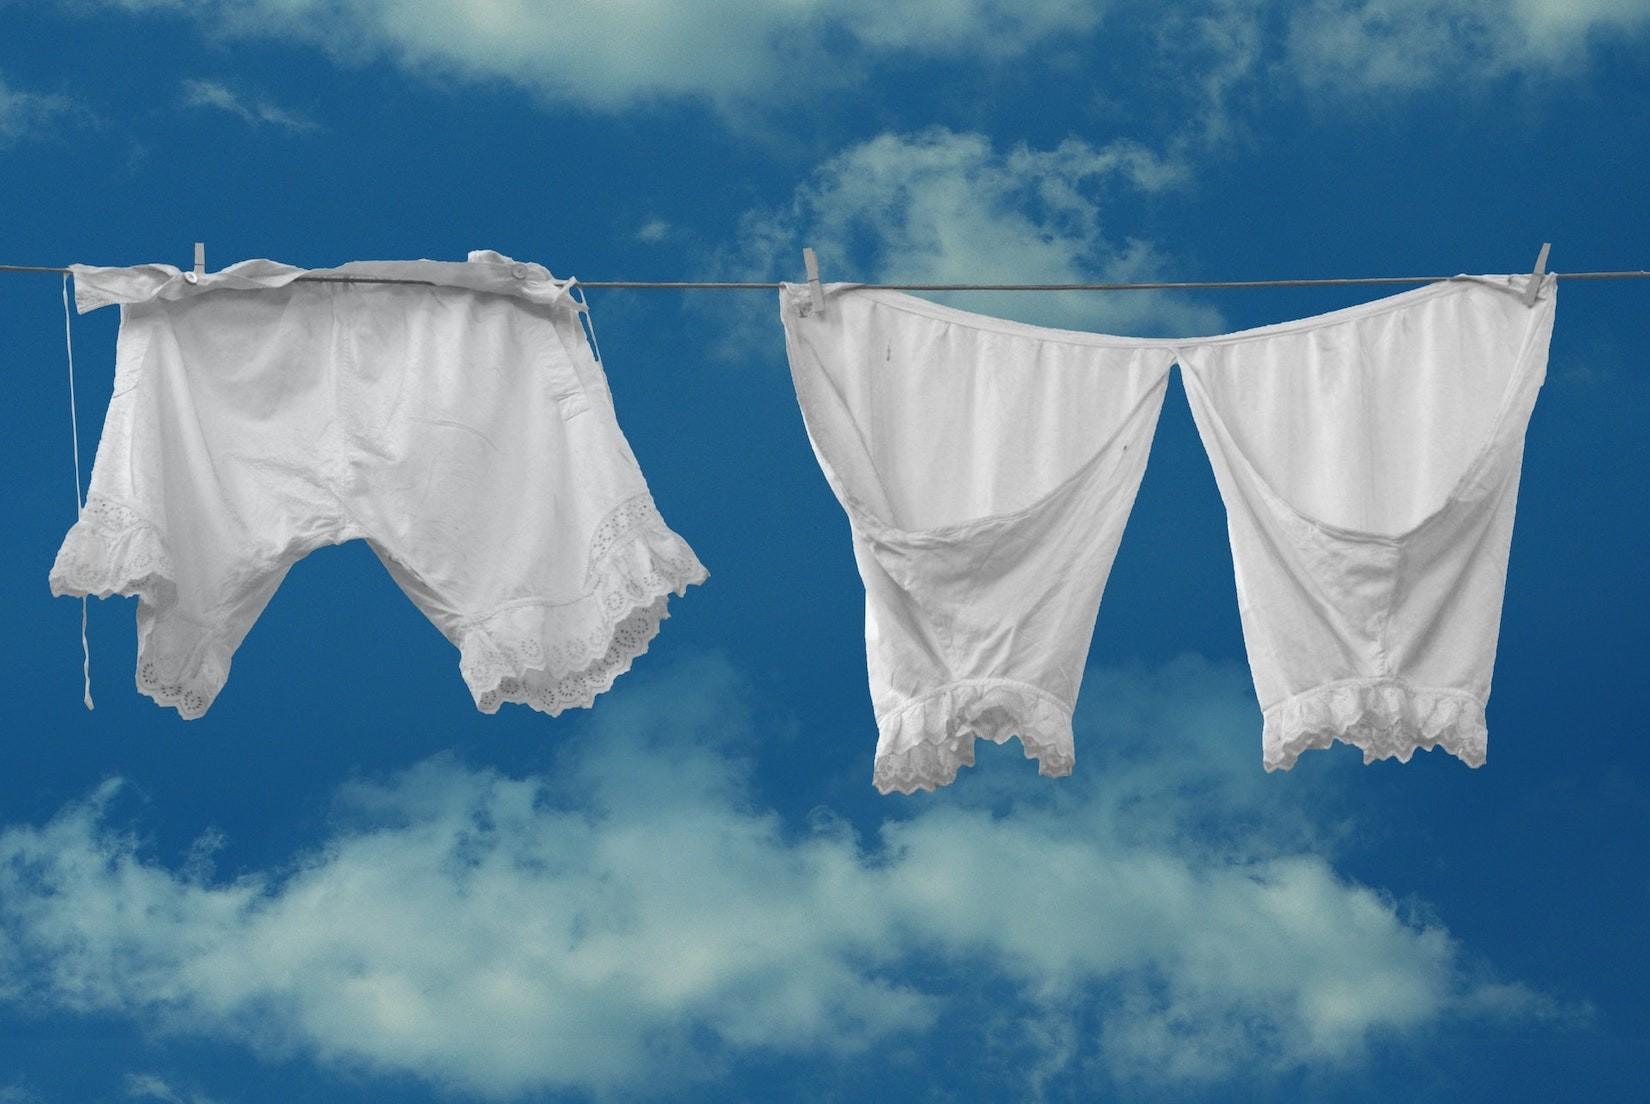 Darf mein Chef mir die Unterwäsche vorschreiben